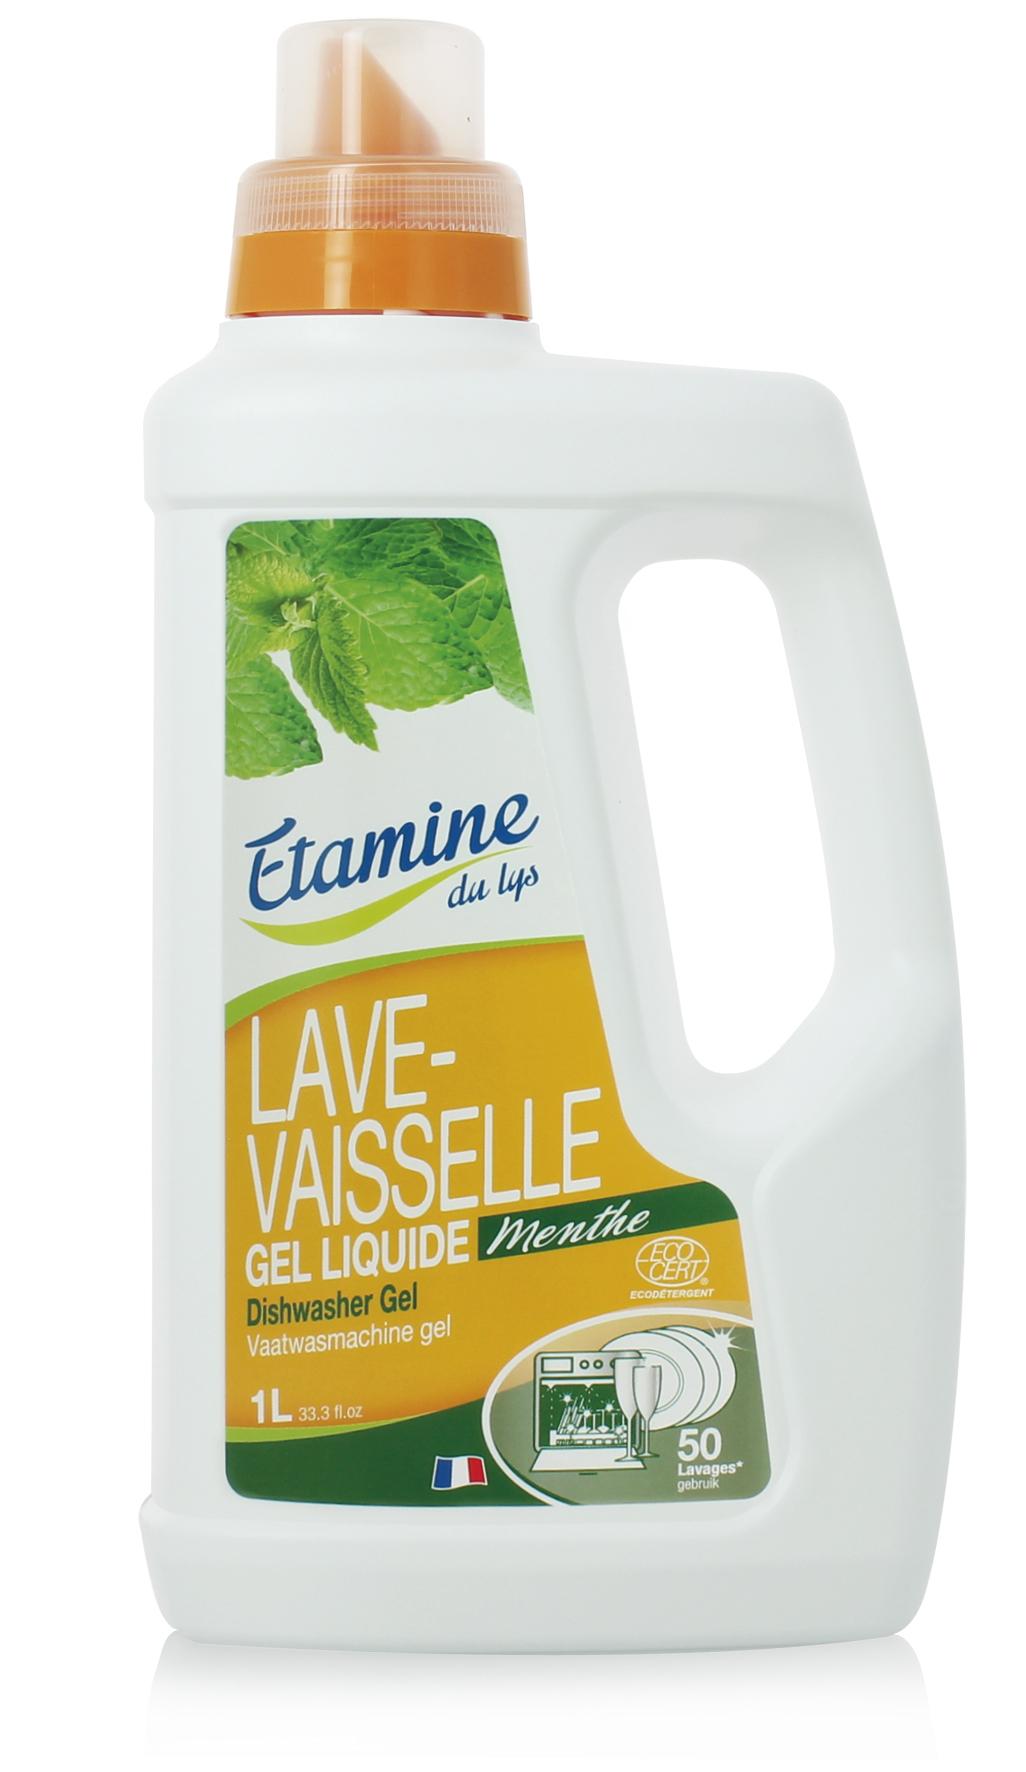 Экологичный универсальный гель Etamine du Lys, для посудомоечных машин, 1 л0520820100 % экологиеское средство для посудомоечной машины. Подходит для всех температурных режимов, рекомендуется при использовании воды повышенной жесткости. Ультра концентрированная формула, очень экономичен, 1 л хватат на 50 циклов! Эффективен при 40С